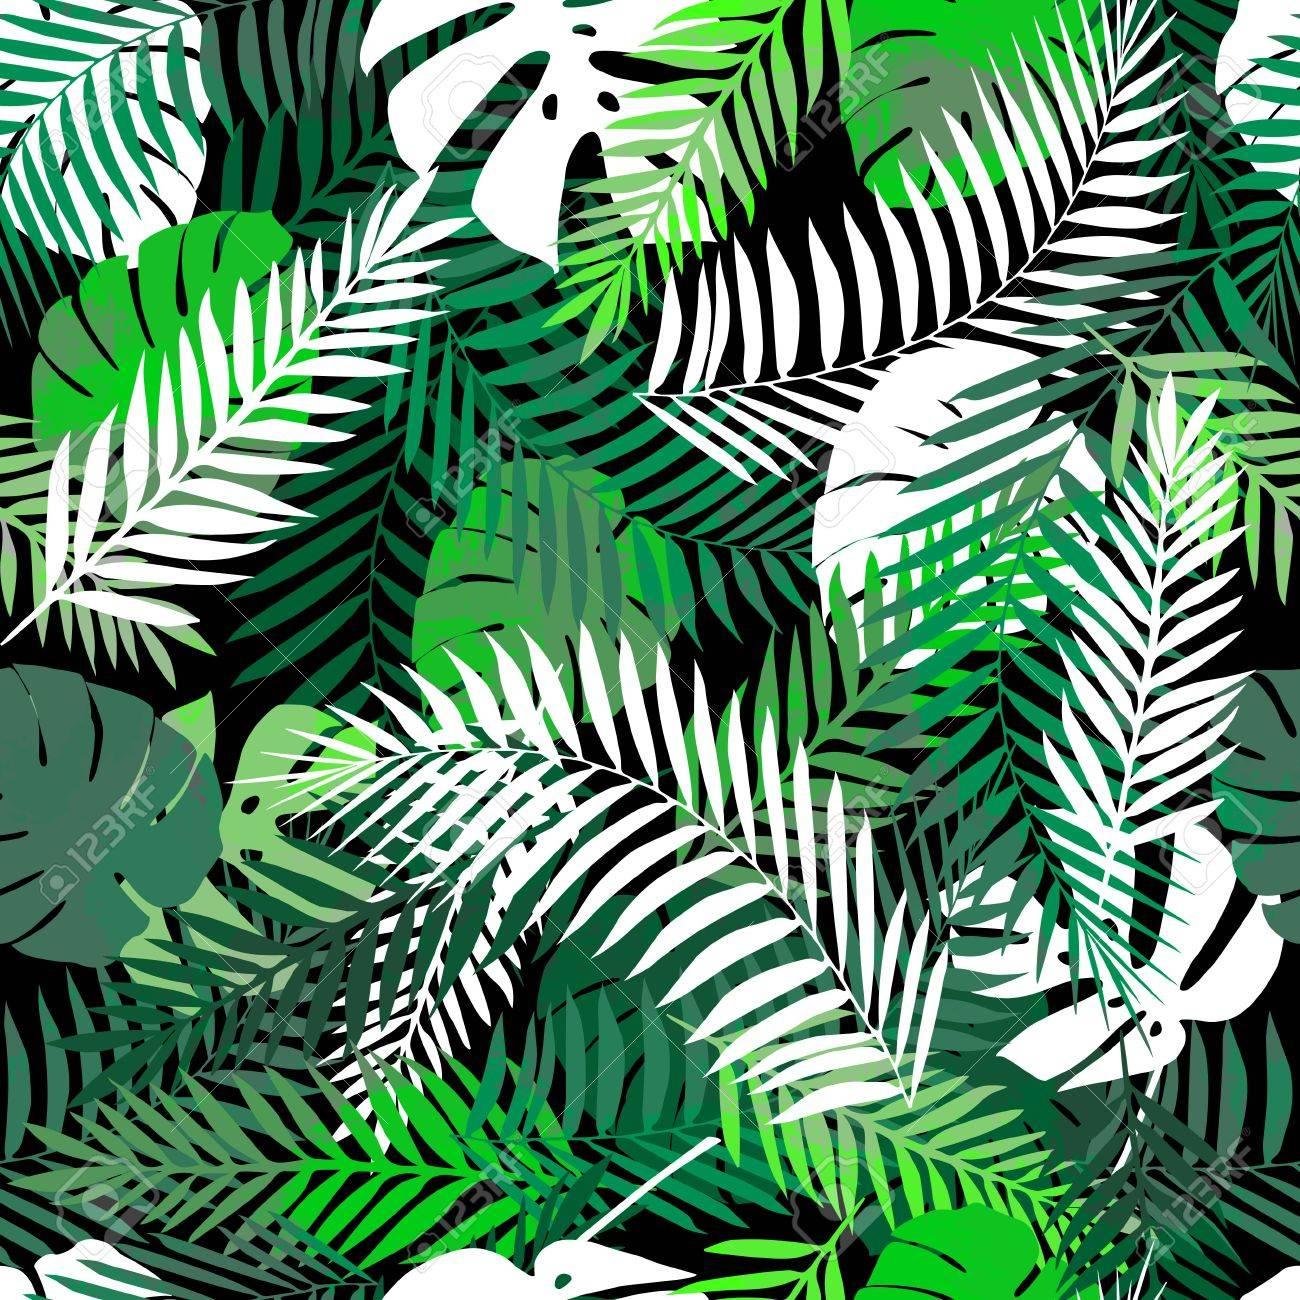 Summer Background Tropical Ou Le Papier Peint Pour Differents